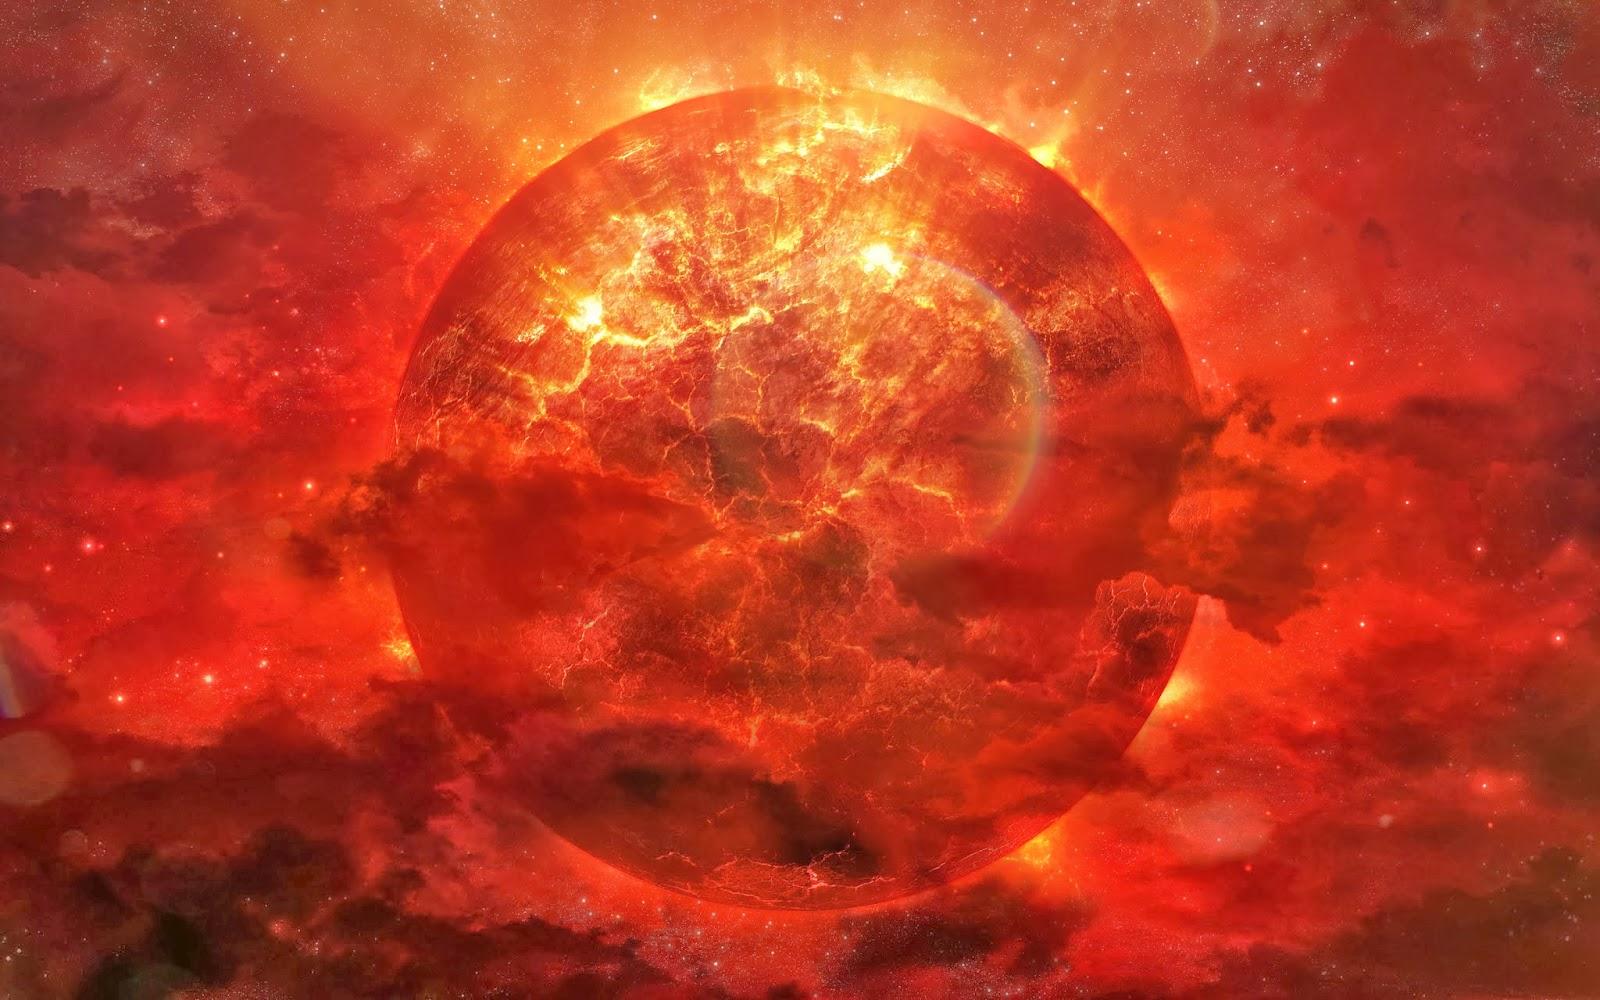 planeta ardiendo